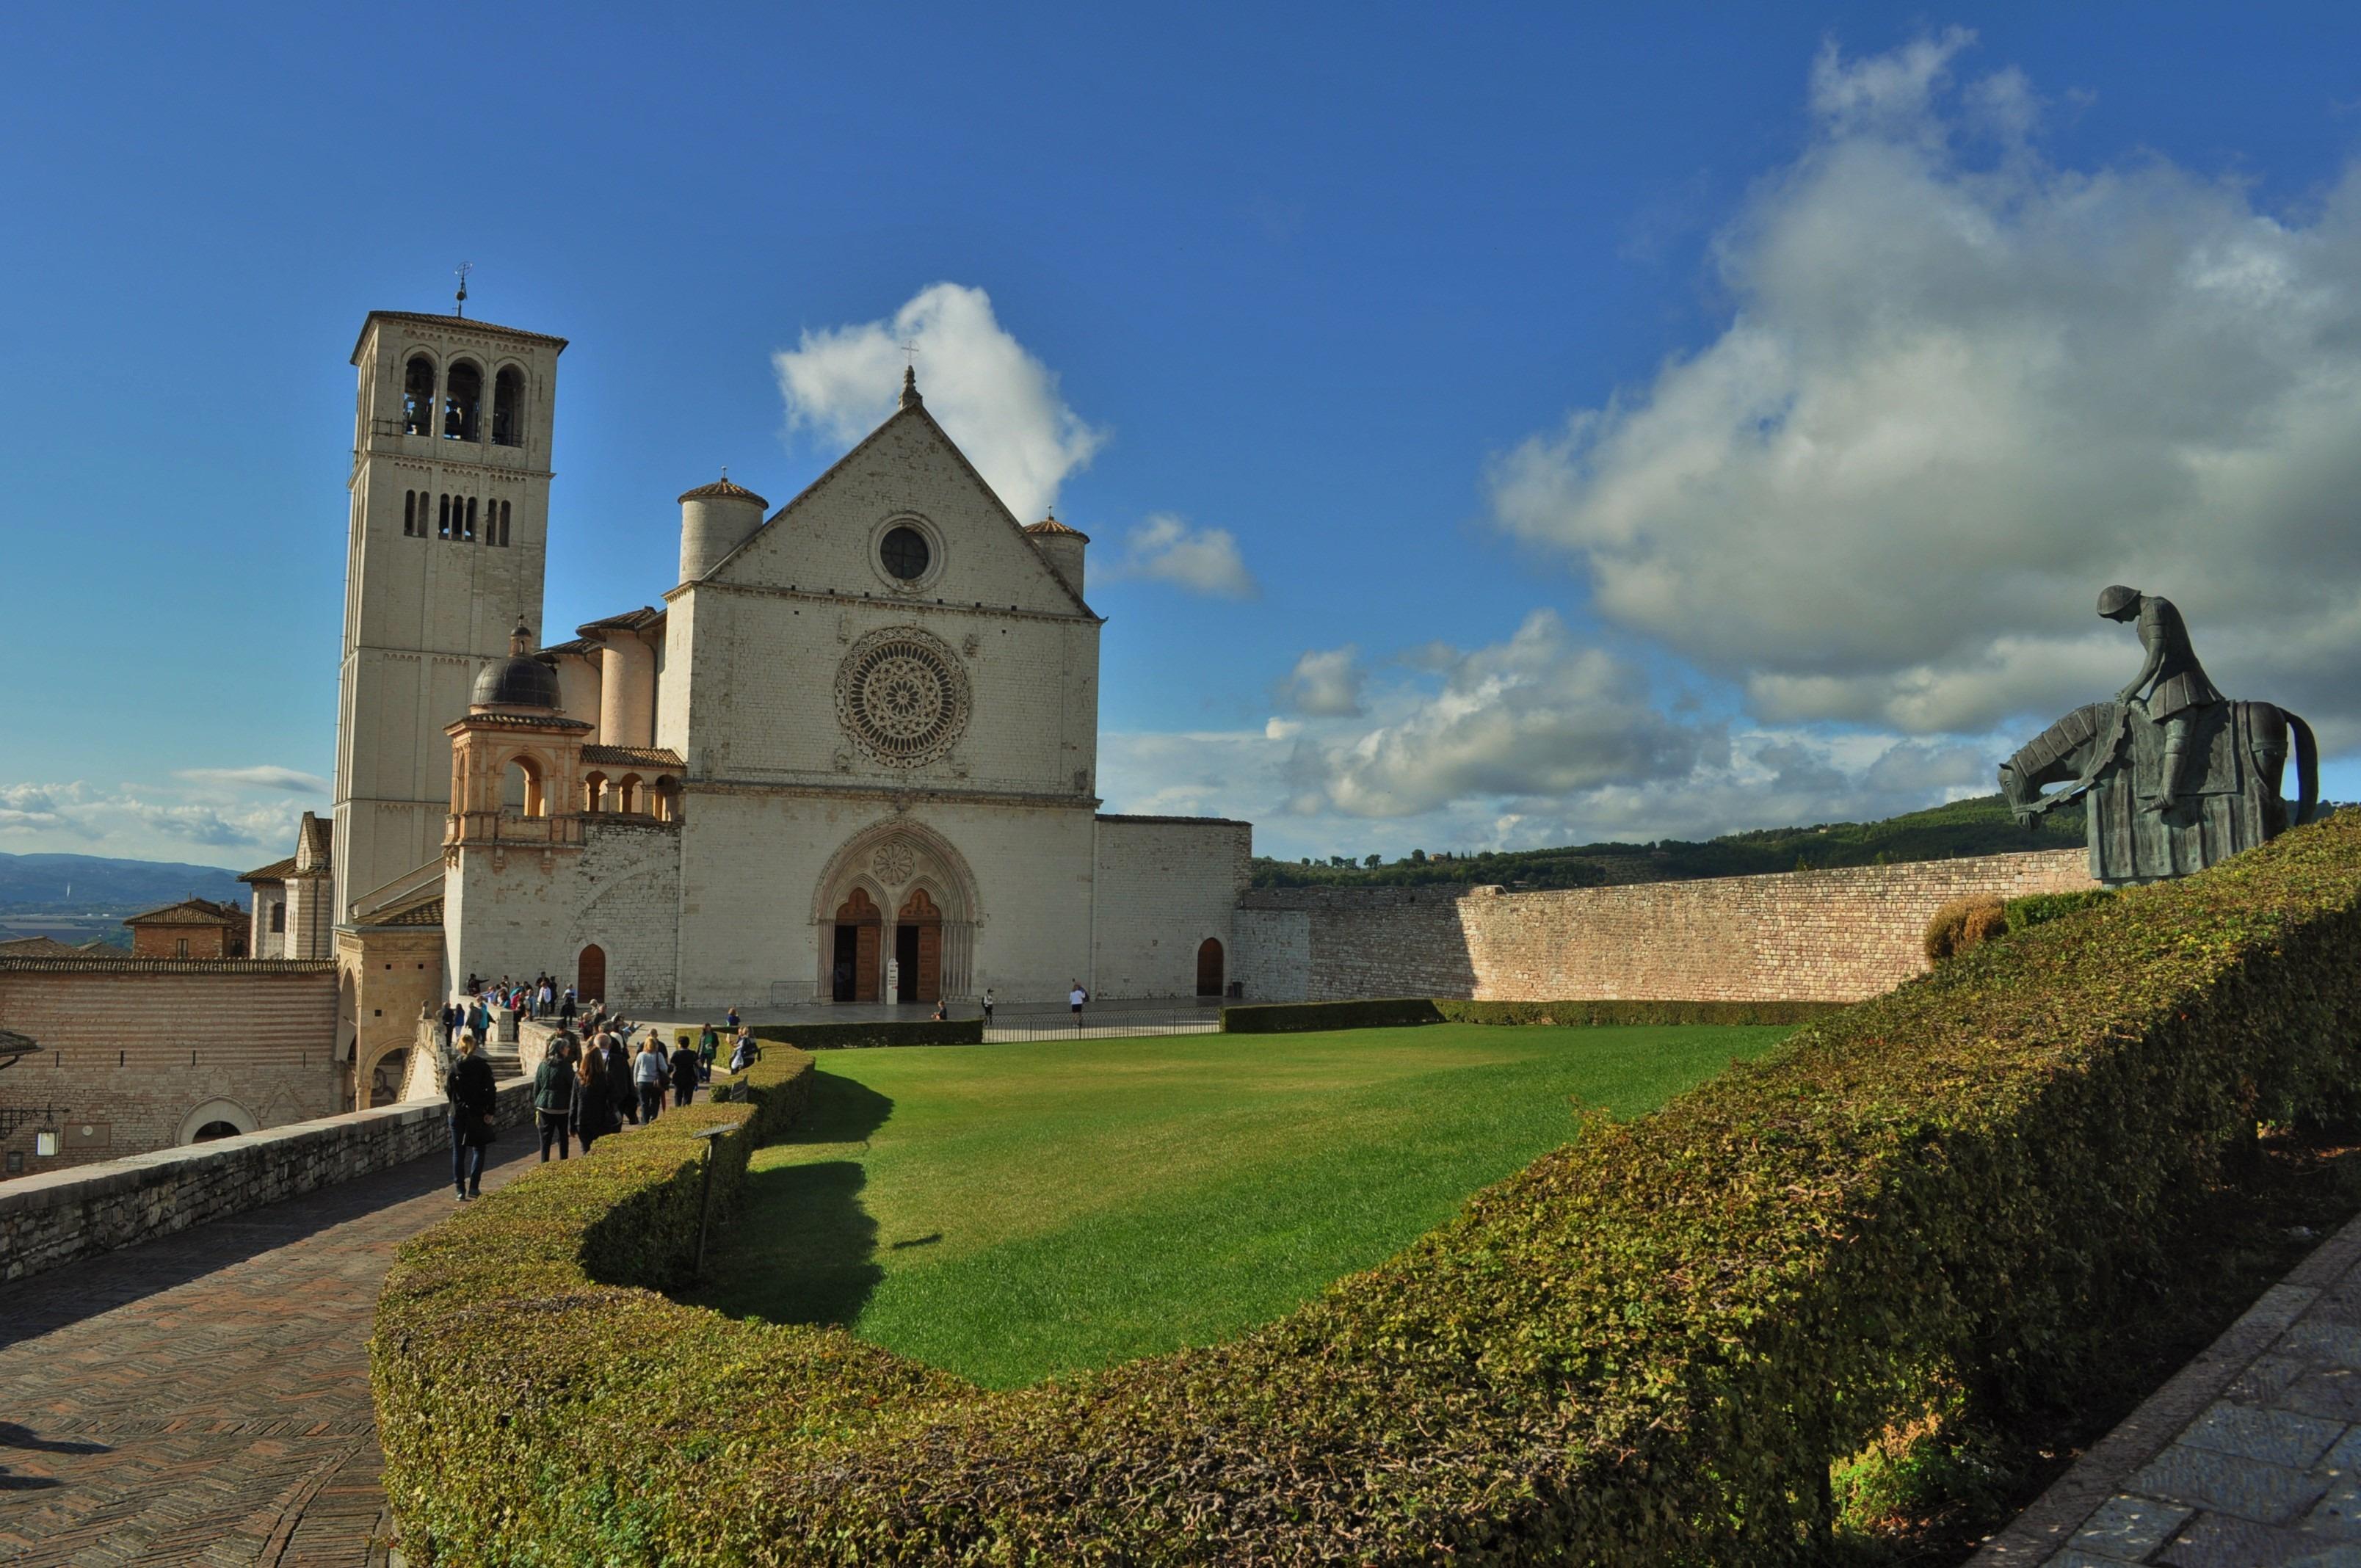 """Гробът му се намира в папската базилика на Асизи, превърнала се в седалище на францисканския орден. Базикилата, то се подразбира, се казва """"Сан Франческо Д 'Асизи""""."""